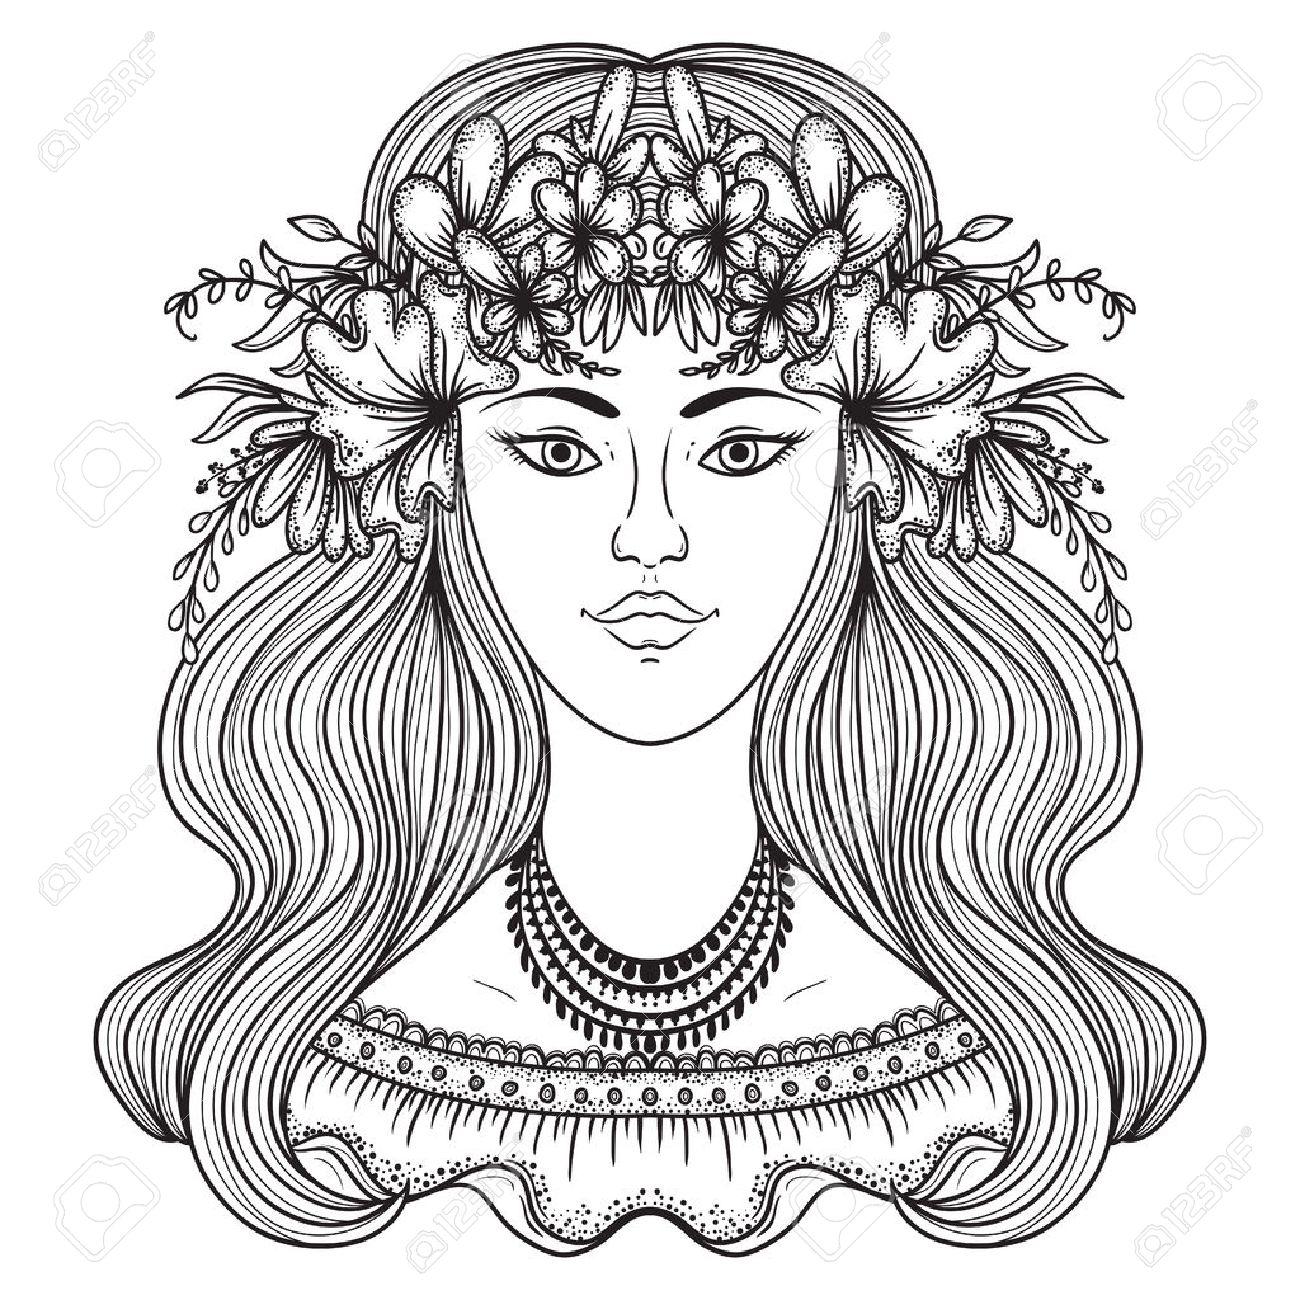 1300x1300 Portrait Of Gypsy Woman With Flower Around Head. Boho Style